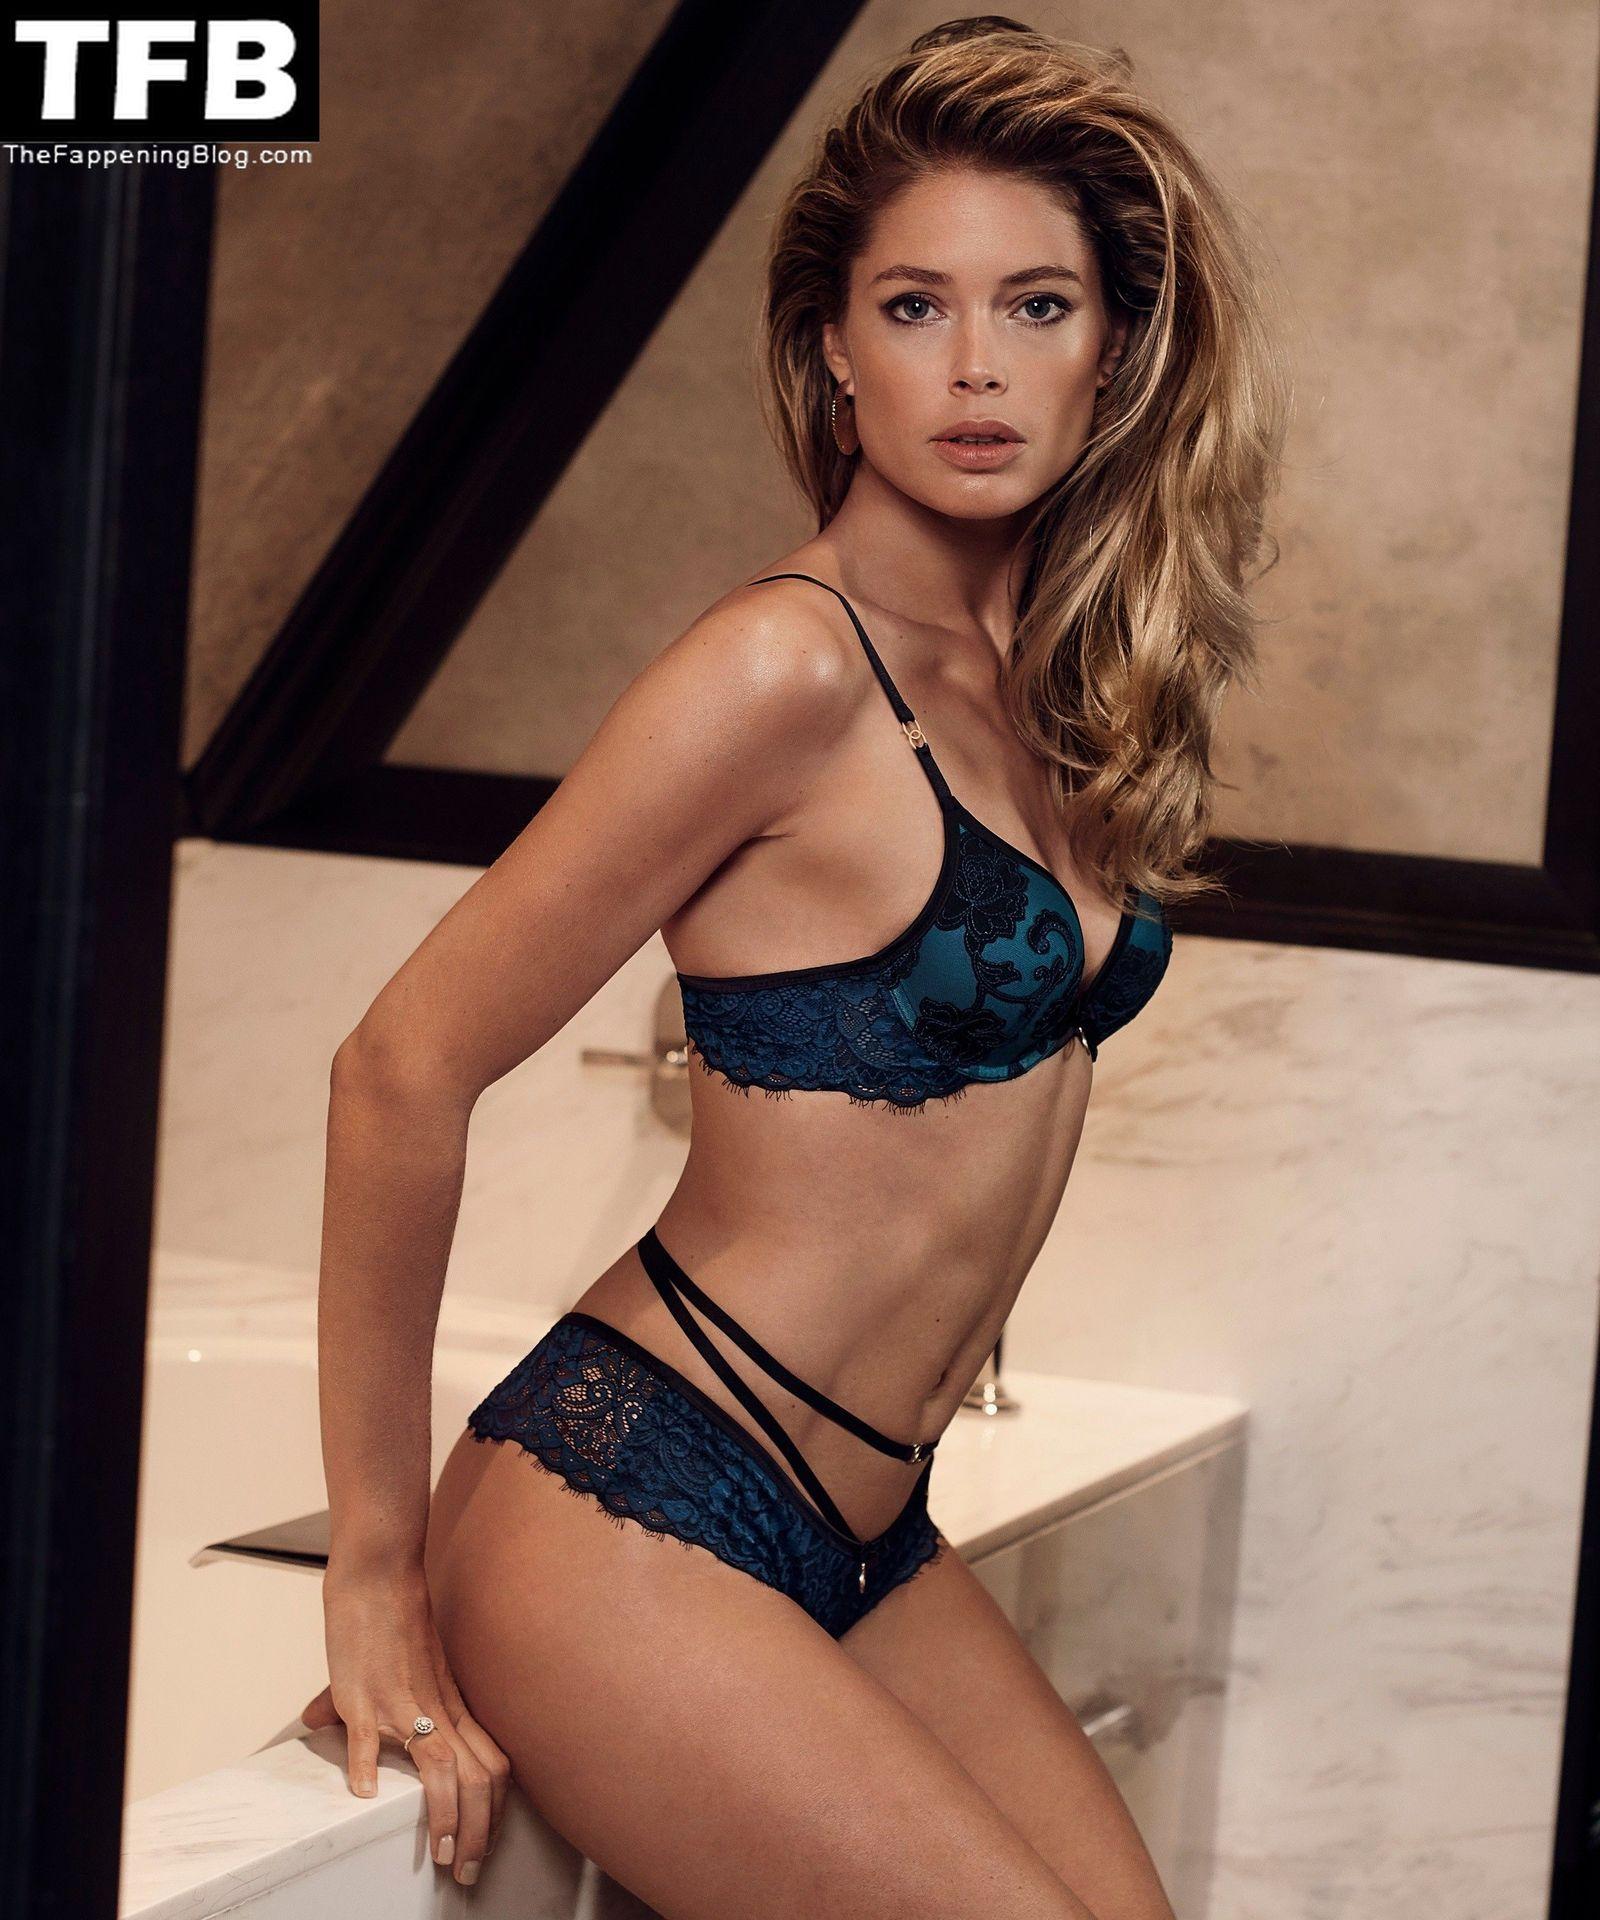 Doutzen Kroes Nude Sexy Leaked 146